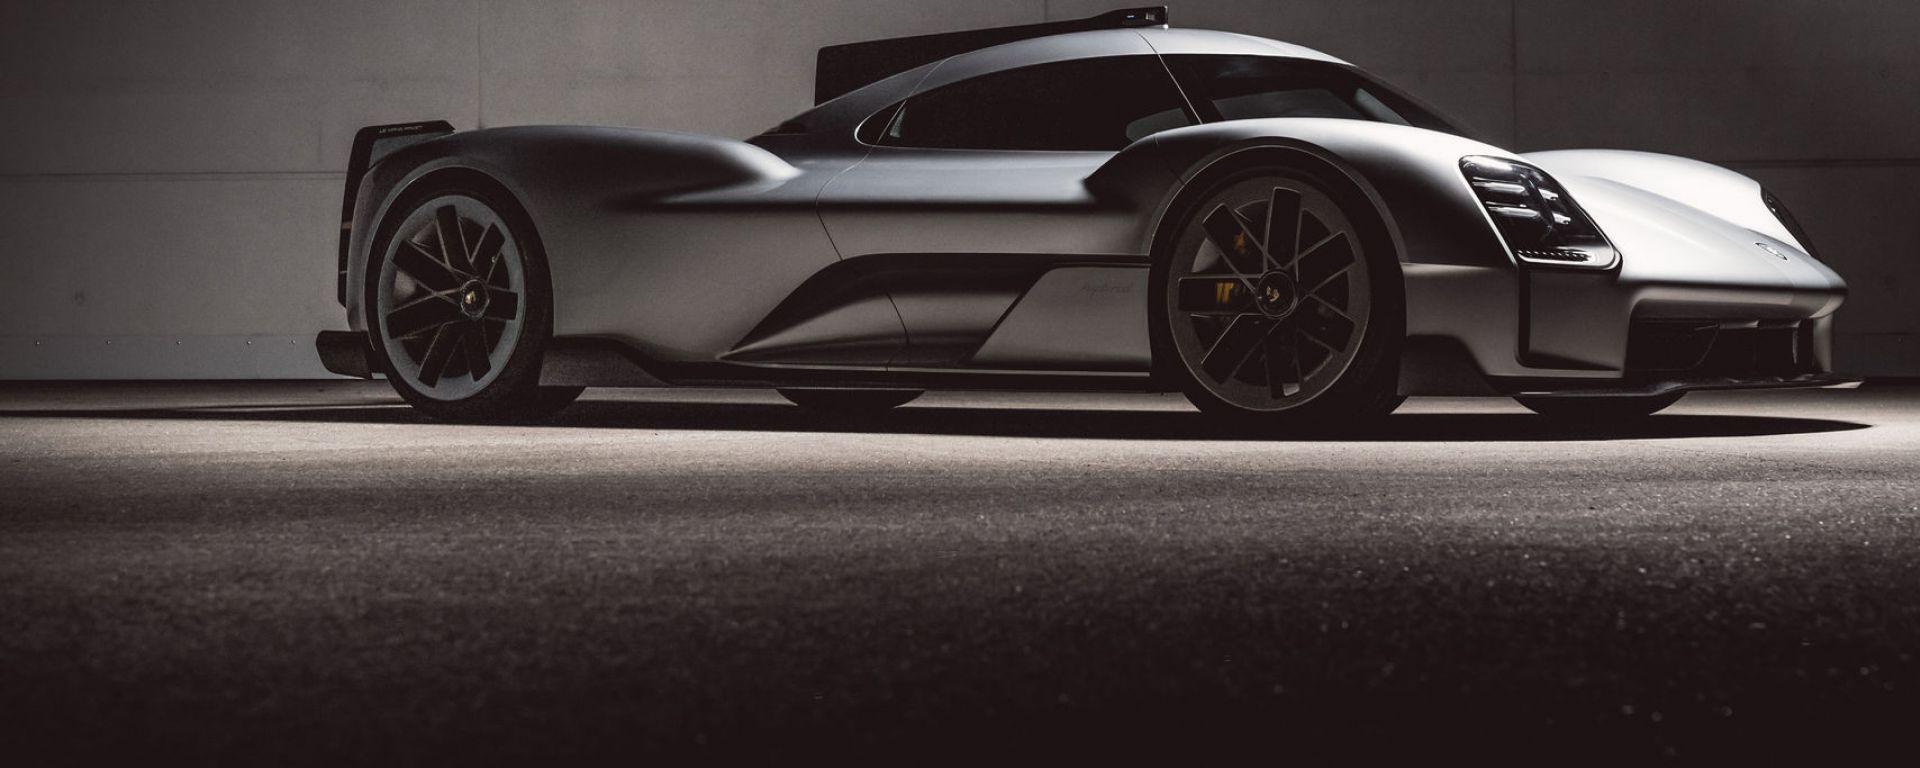 Porsche 919 Street concept: la supercar mai nata derivata dalla 919 Hybrid